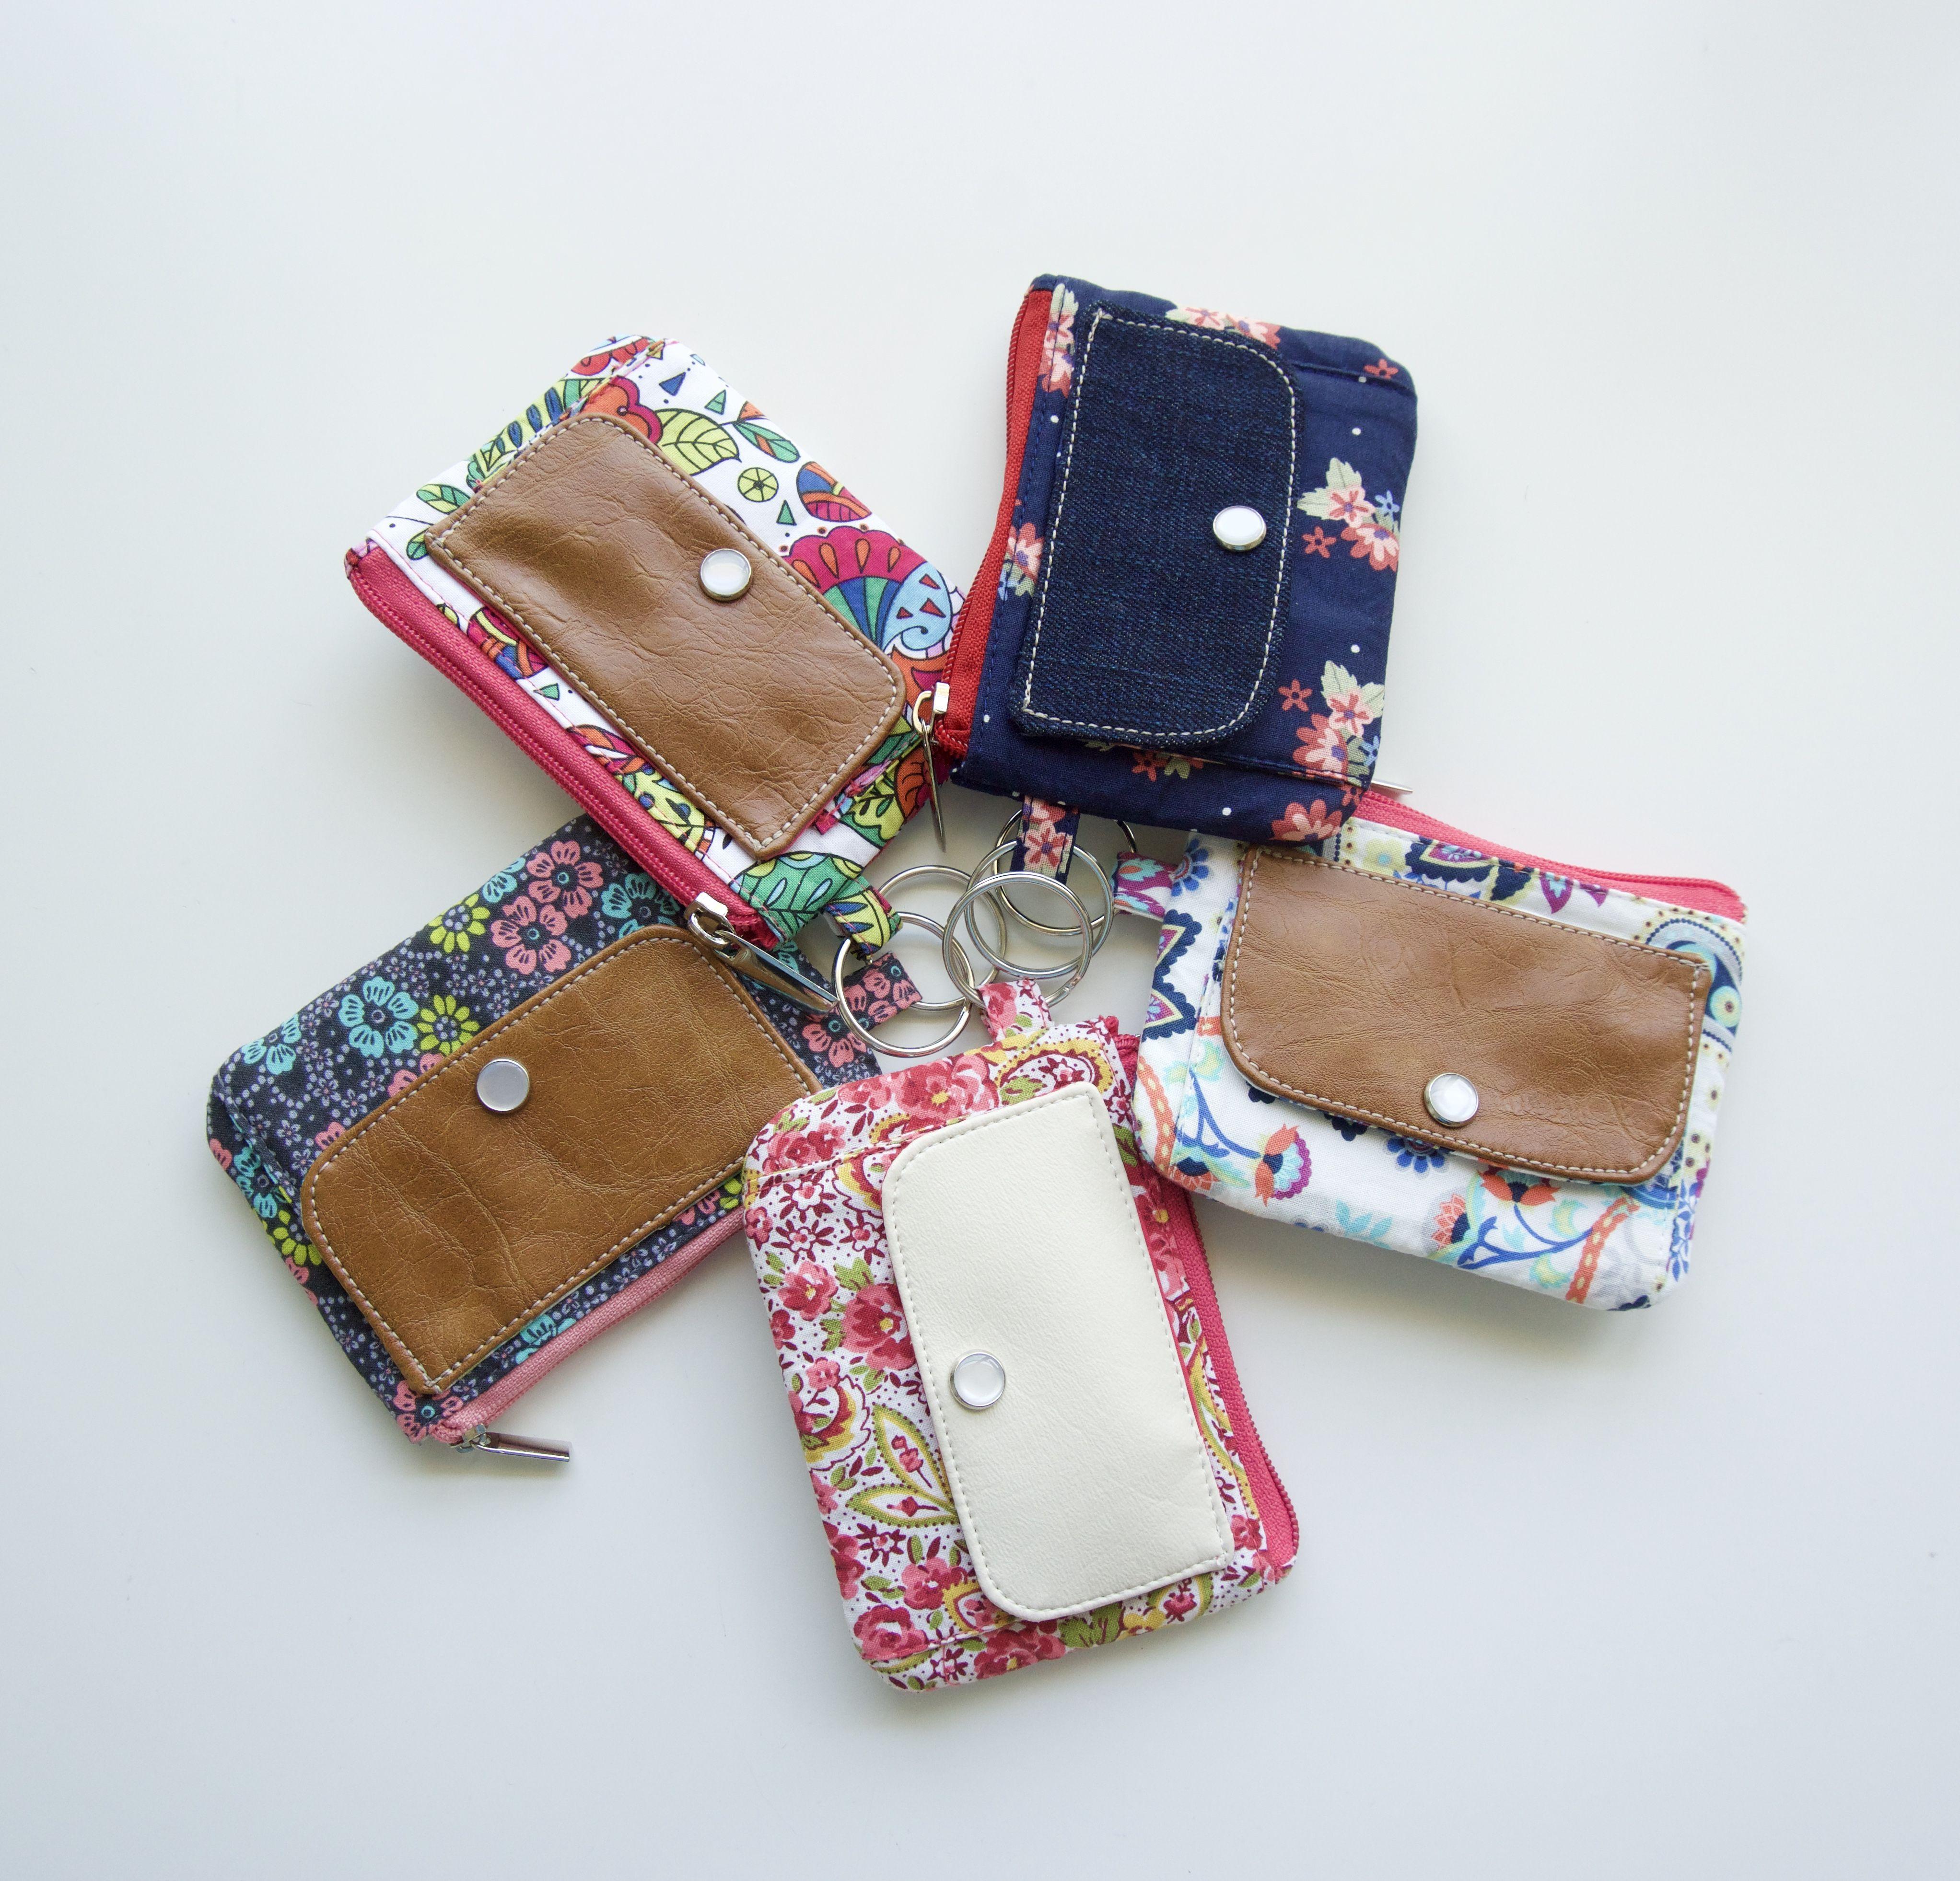 9dd54c0b05b4 Mini ID wallets, ID wallet, Id holder,ID wallet lanyard,small ...